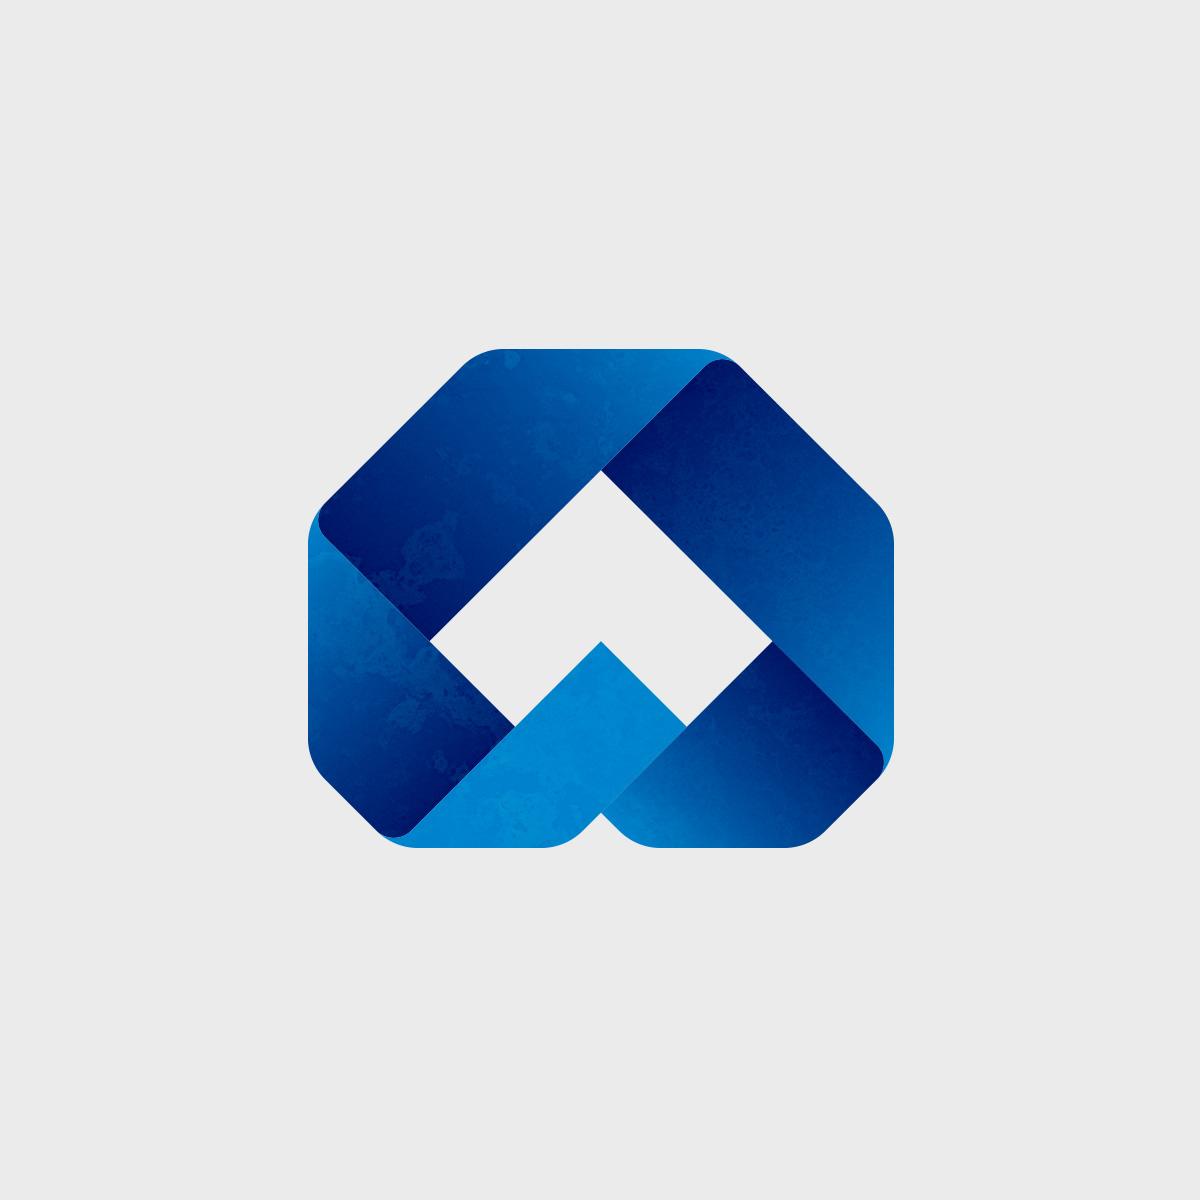 Aydyn Watan. Brand identity for a construction company